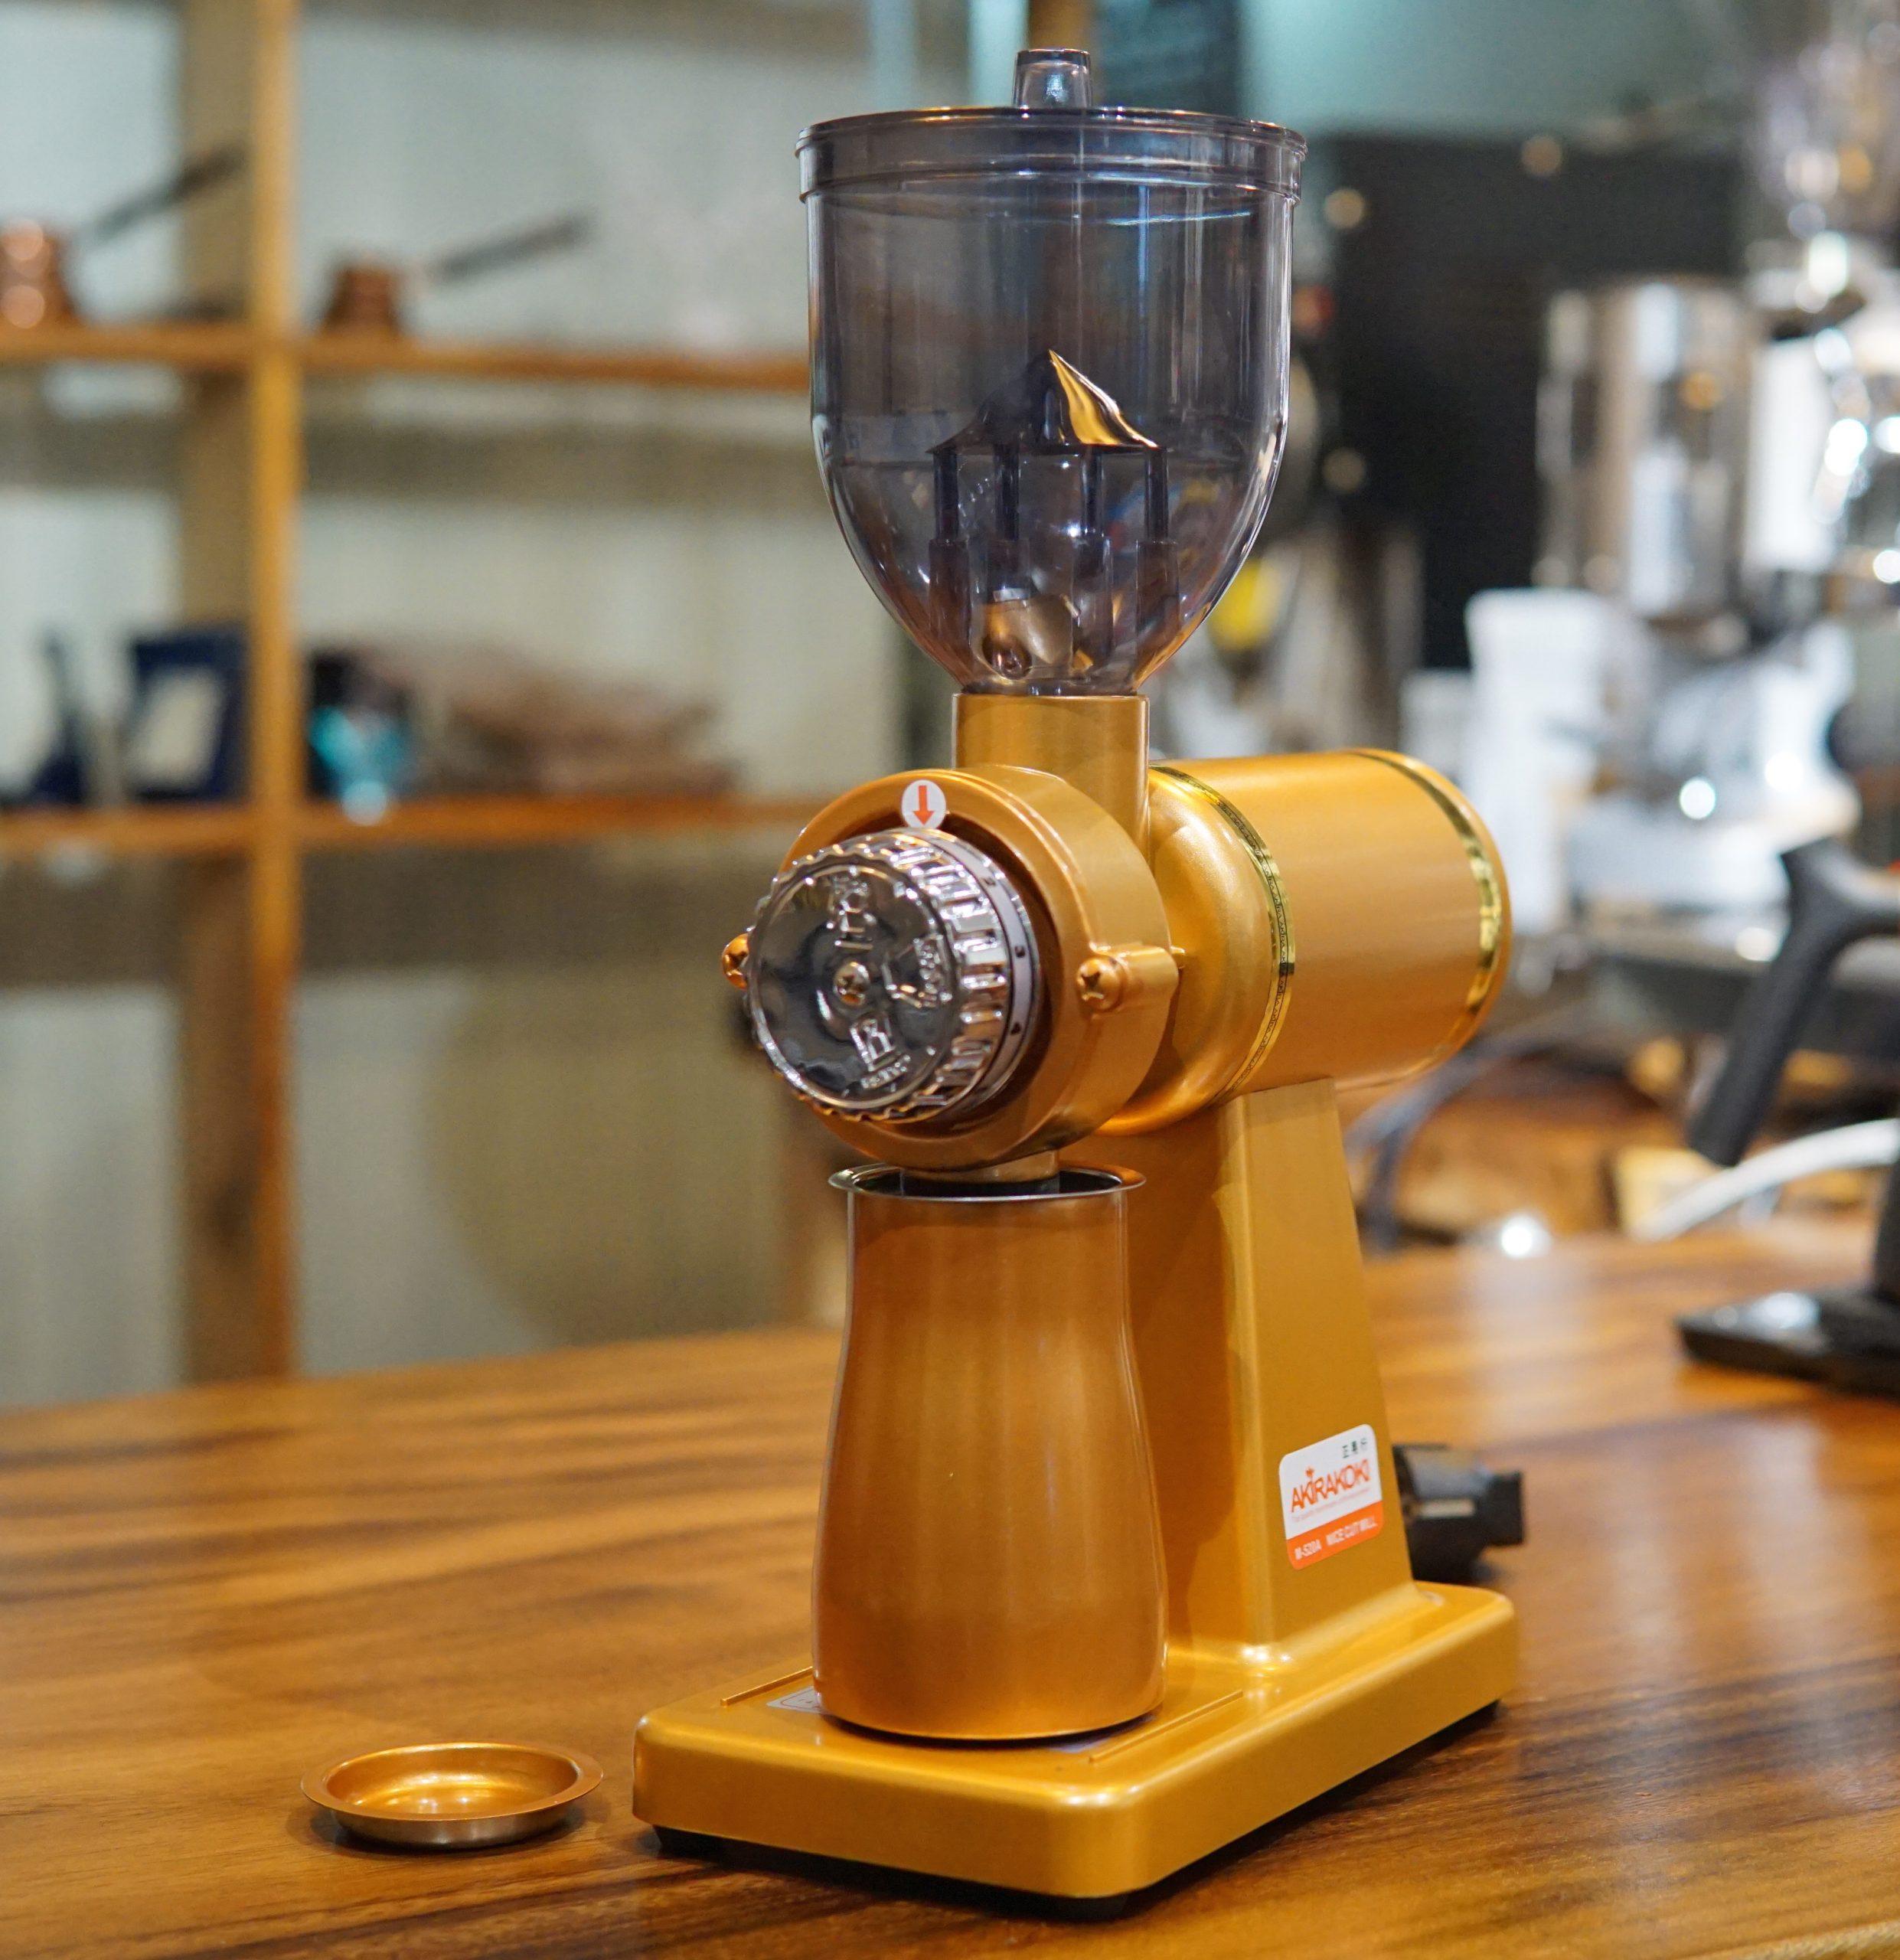 MÁY XAY CÀ PHÊ AKIRAKOKI COFFEE GRINDER SUPER M-520A ORANGE - HÀNG CHÍNH HÃNG